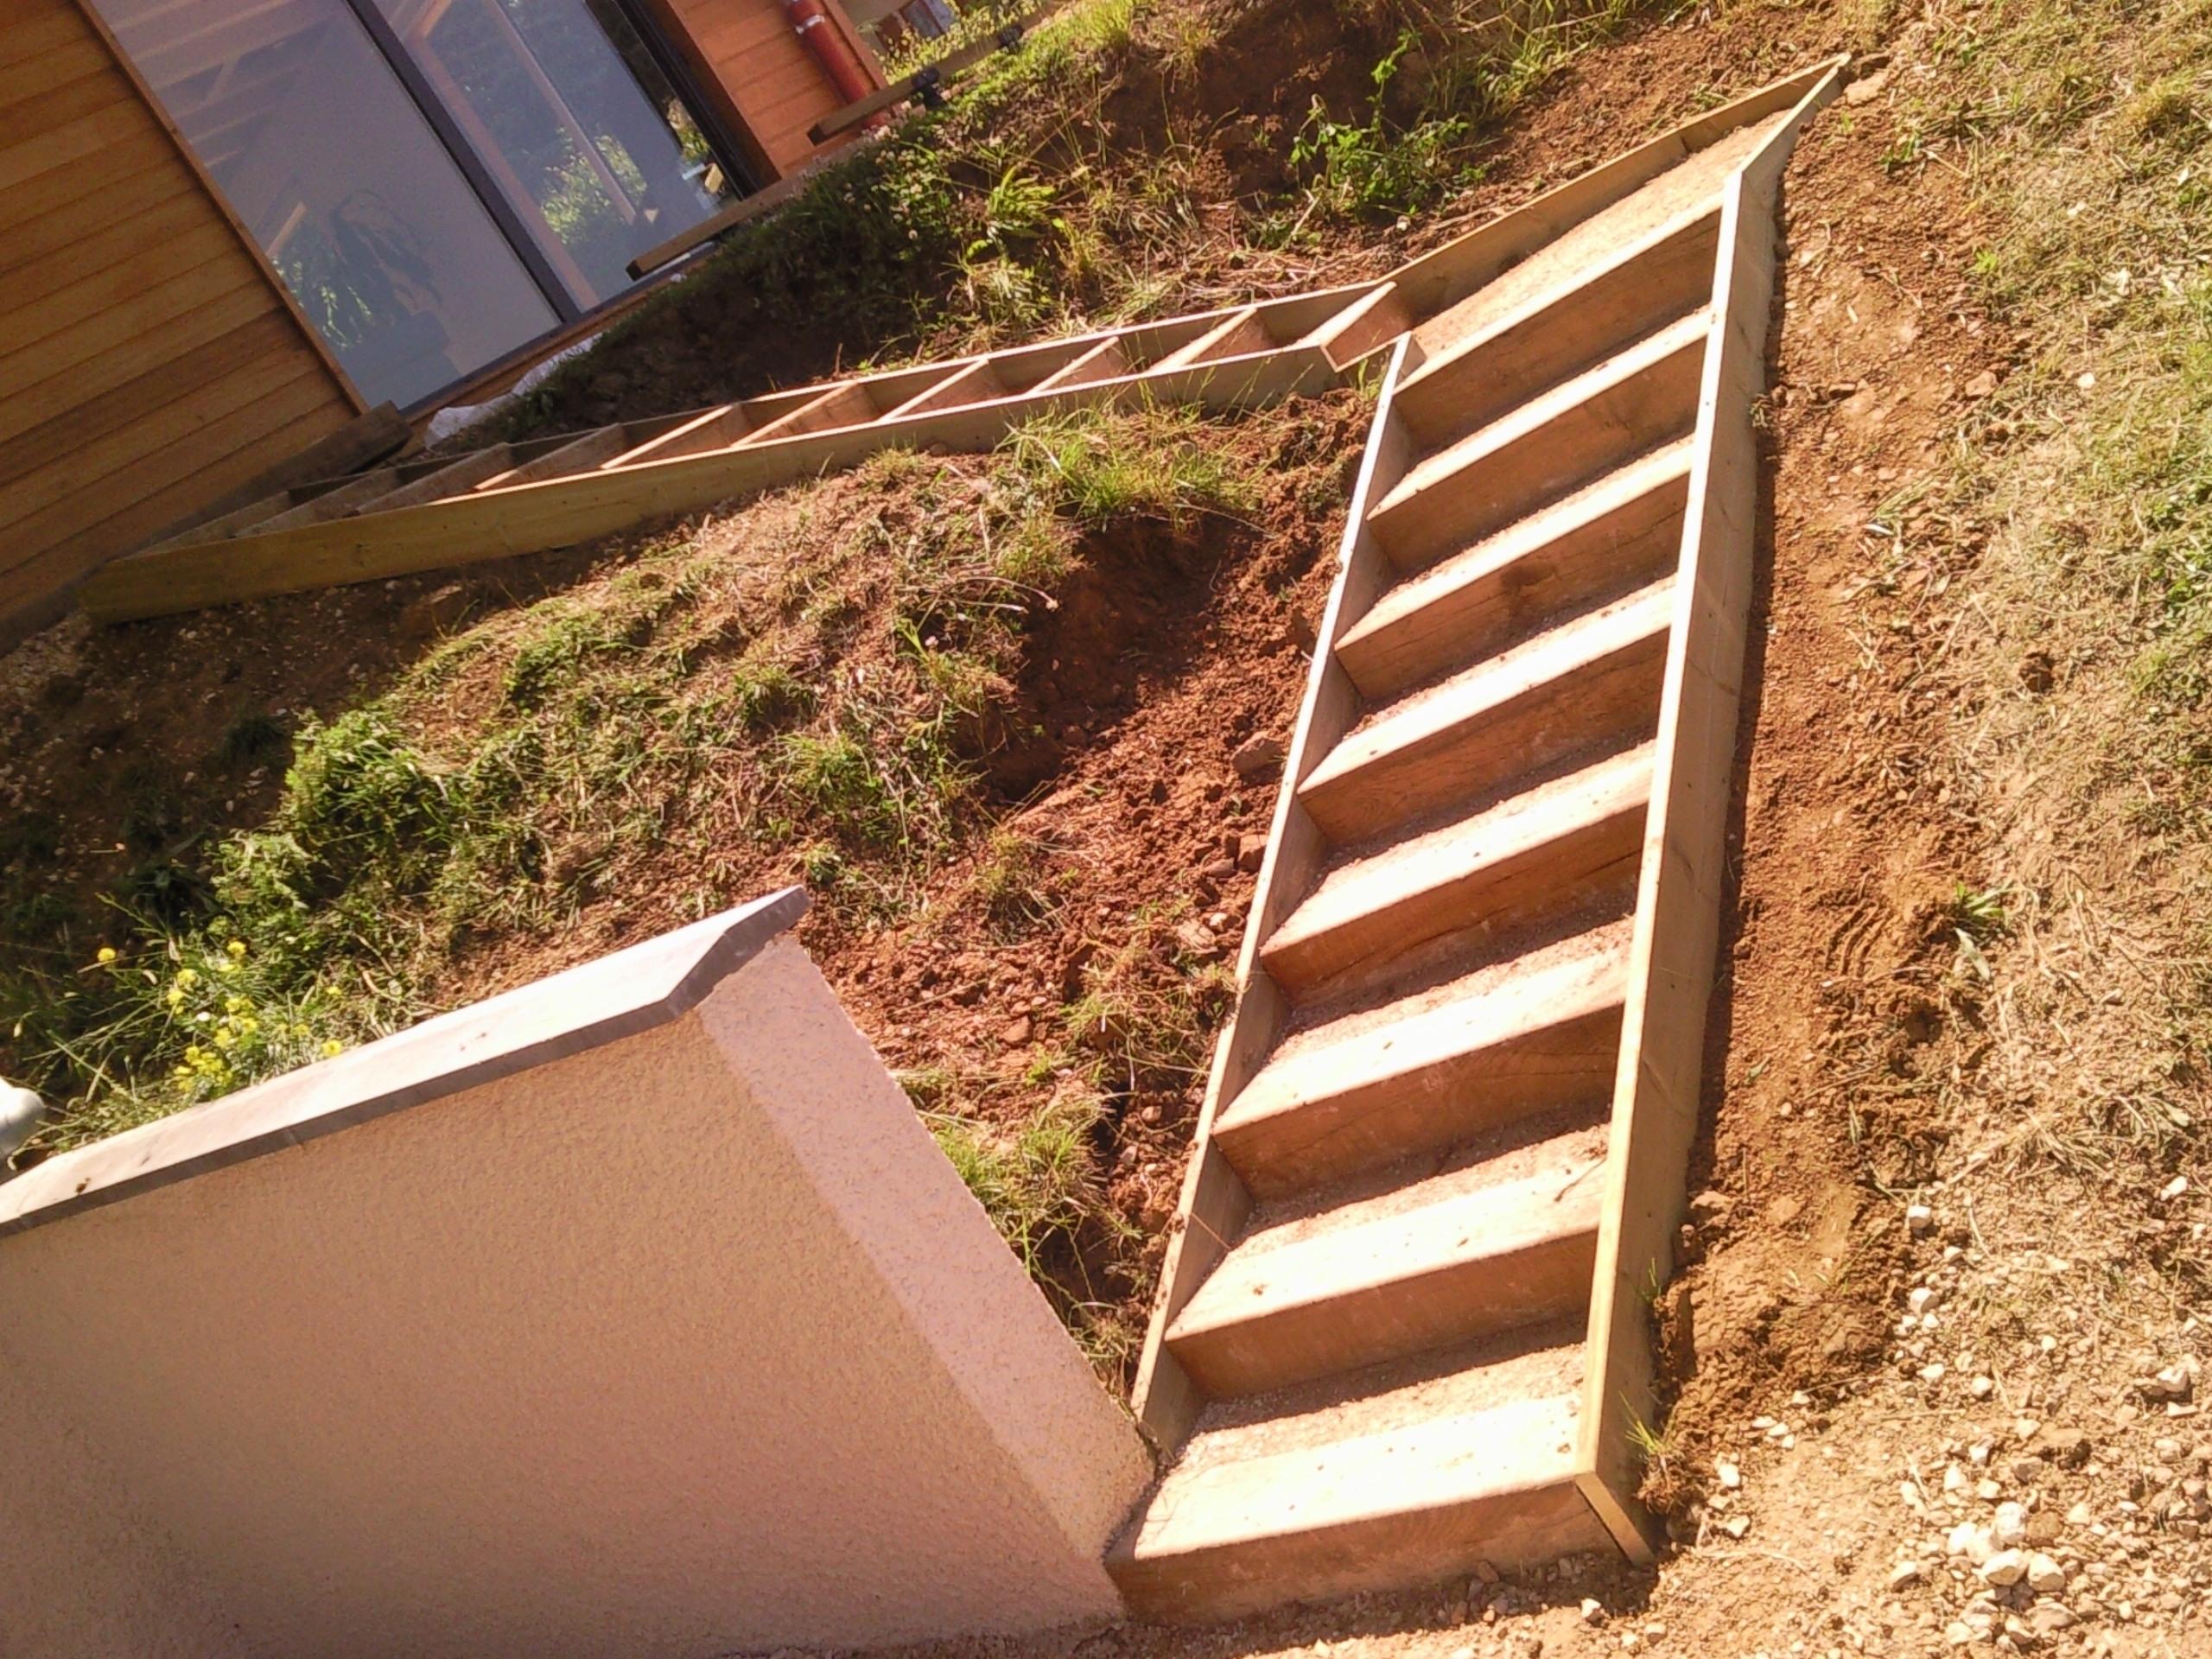 Escalier talus 100 images escalier provisoire fabricant d escalier de chantier modulaire for Escalier dans un jardin